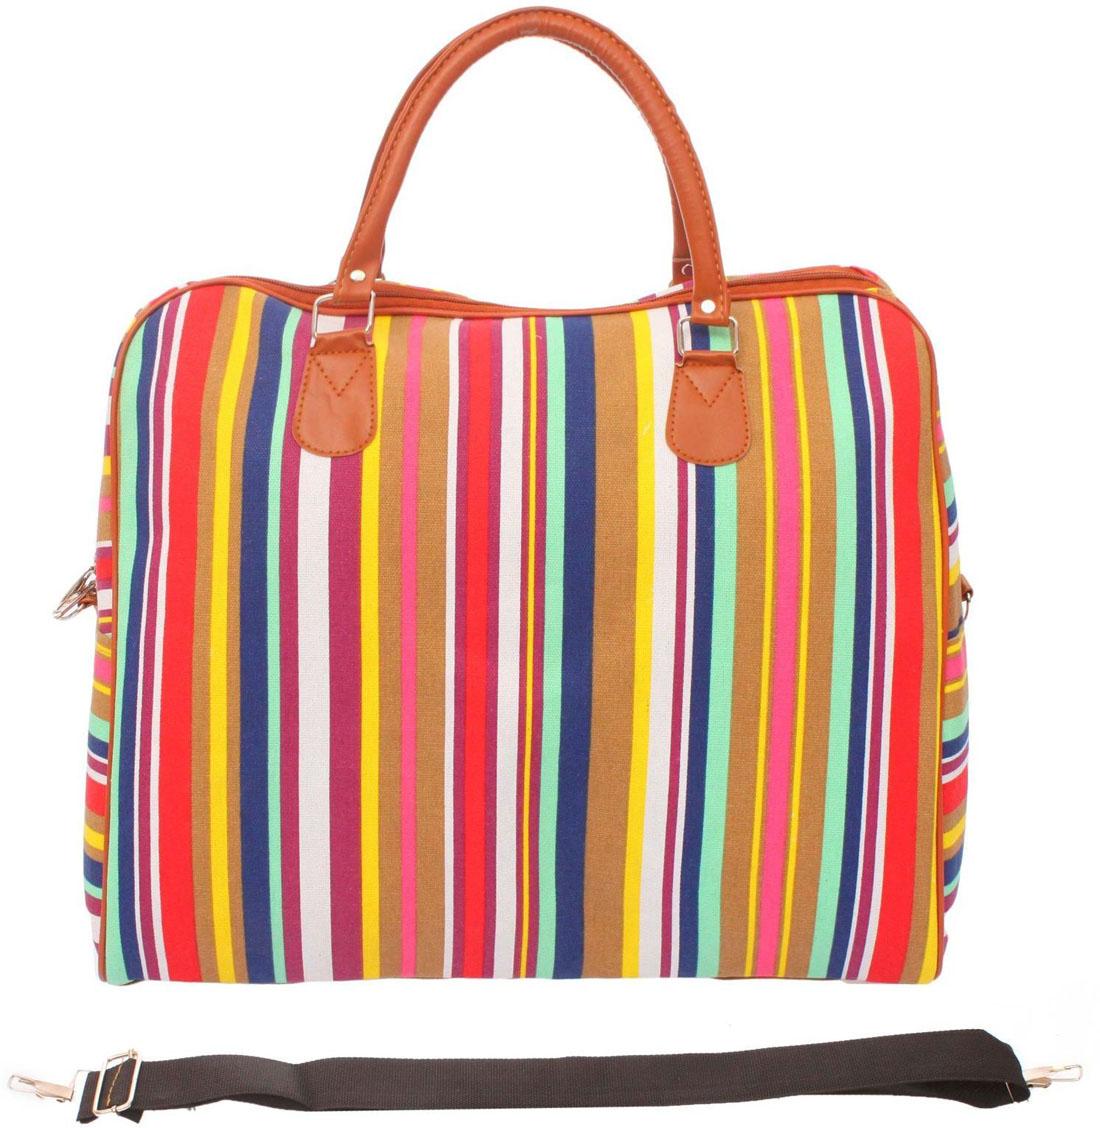 Сумка дорожная Sima-land. 1046584BP-001 BKПрочная дорожная сумка прекрасно подойдёт как в путешествии, так и в деловых поездках. Она позволяет взять с собой всё необходимое: от нижнего белья до брюк, юбок и пиджаковМодель оснащена широкими ручками и съёмным длинным ремнём для комфортной переноски. Дорожный аксессуар прослужит много лет, так как изготовлен из прочного текстиля, устойчивого к выцветанию.